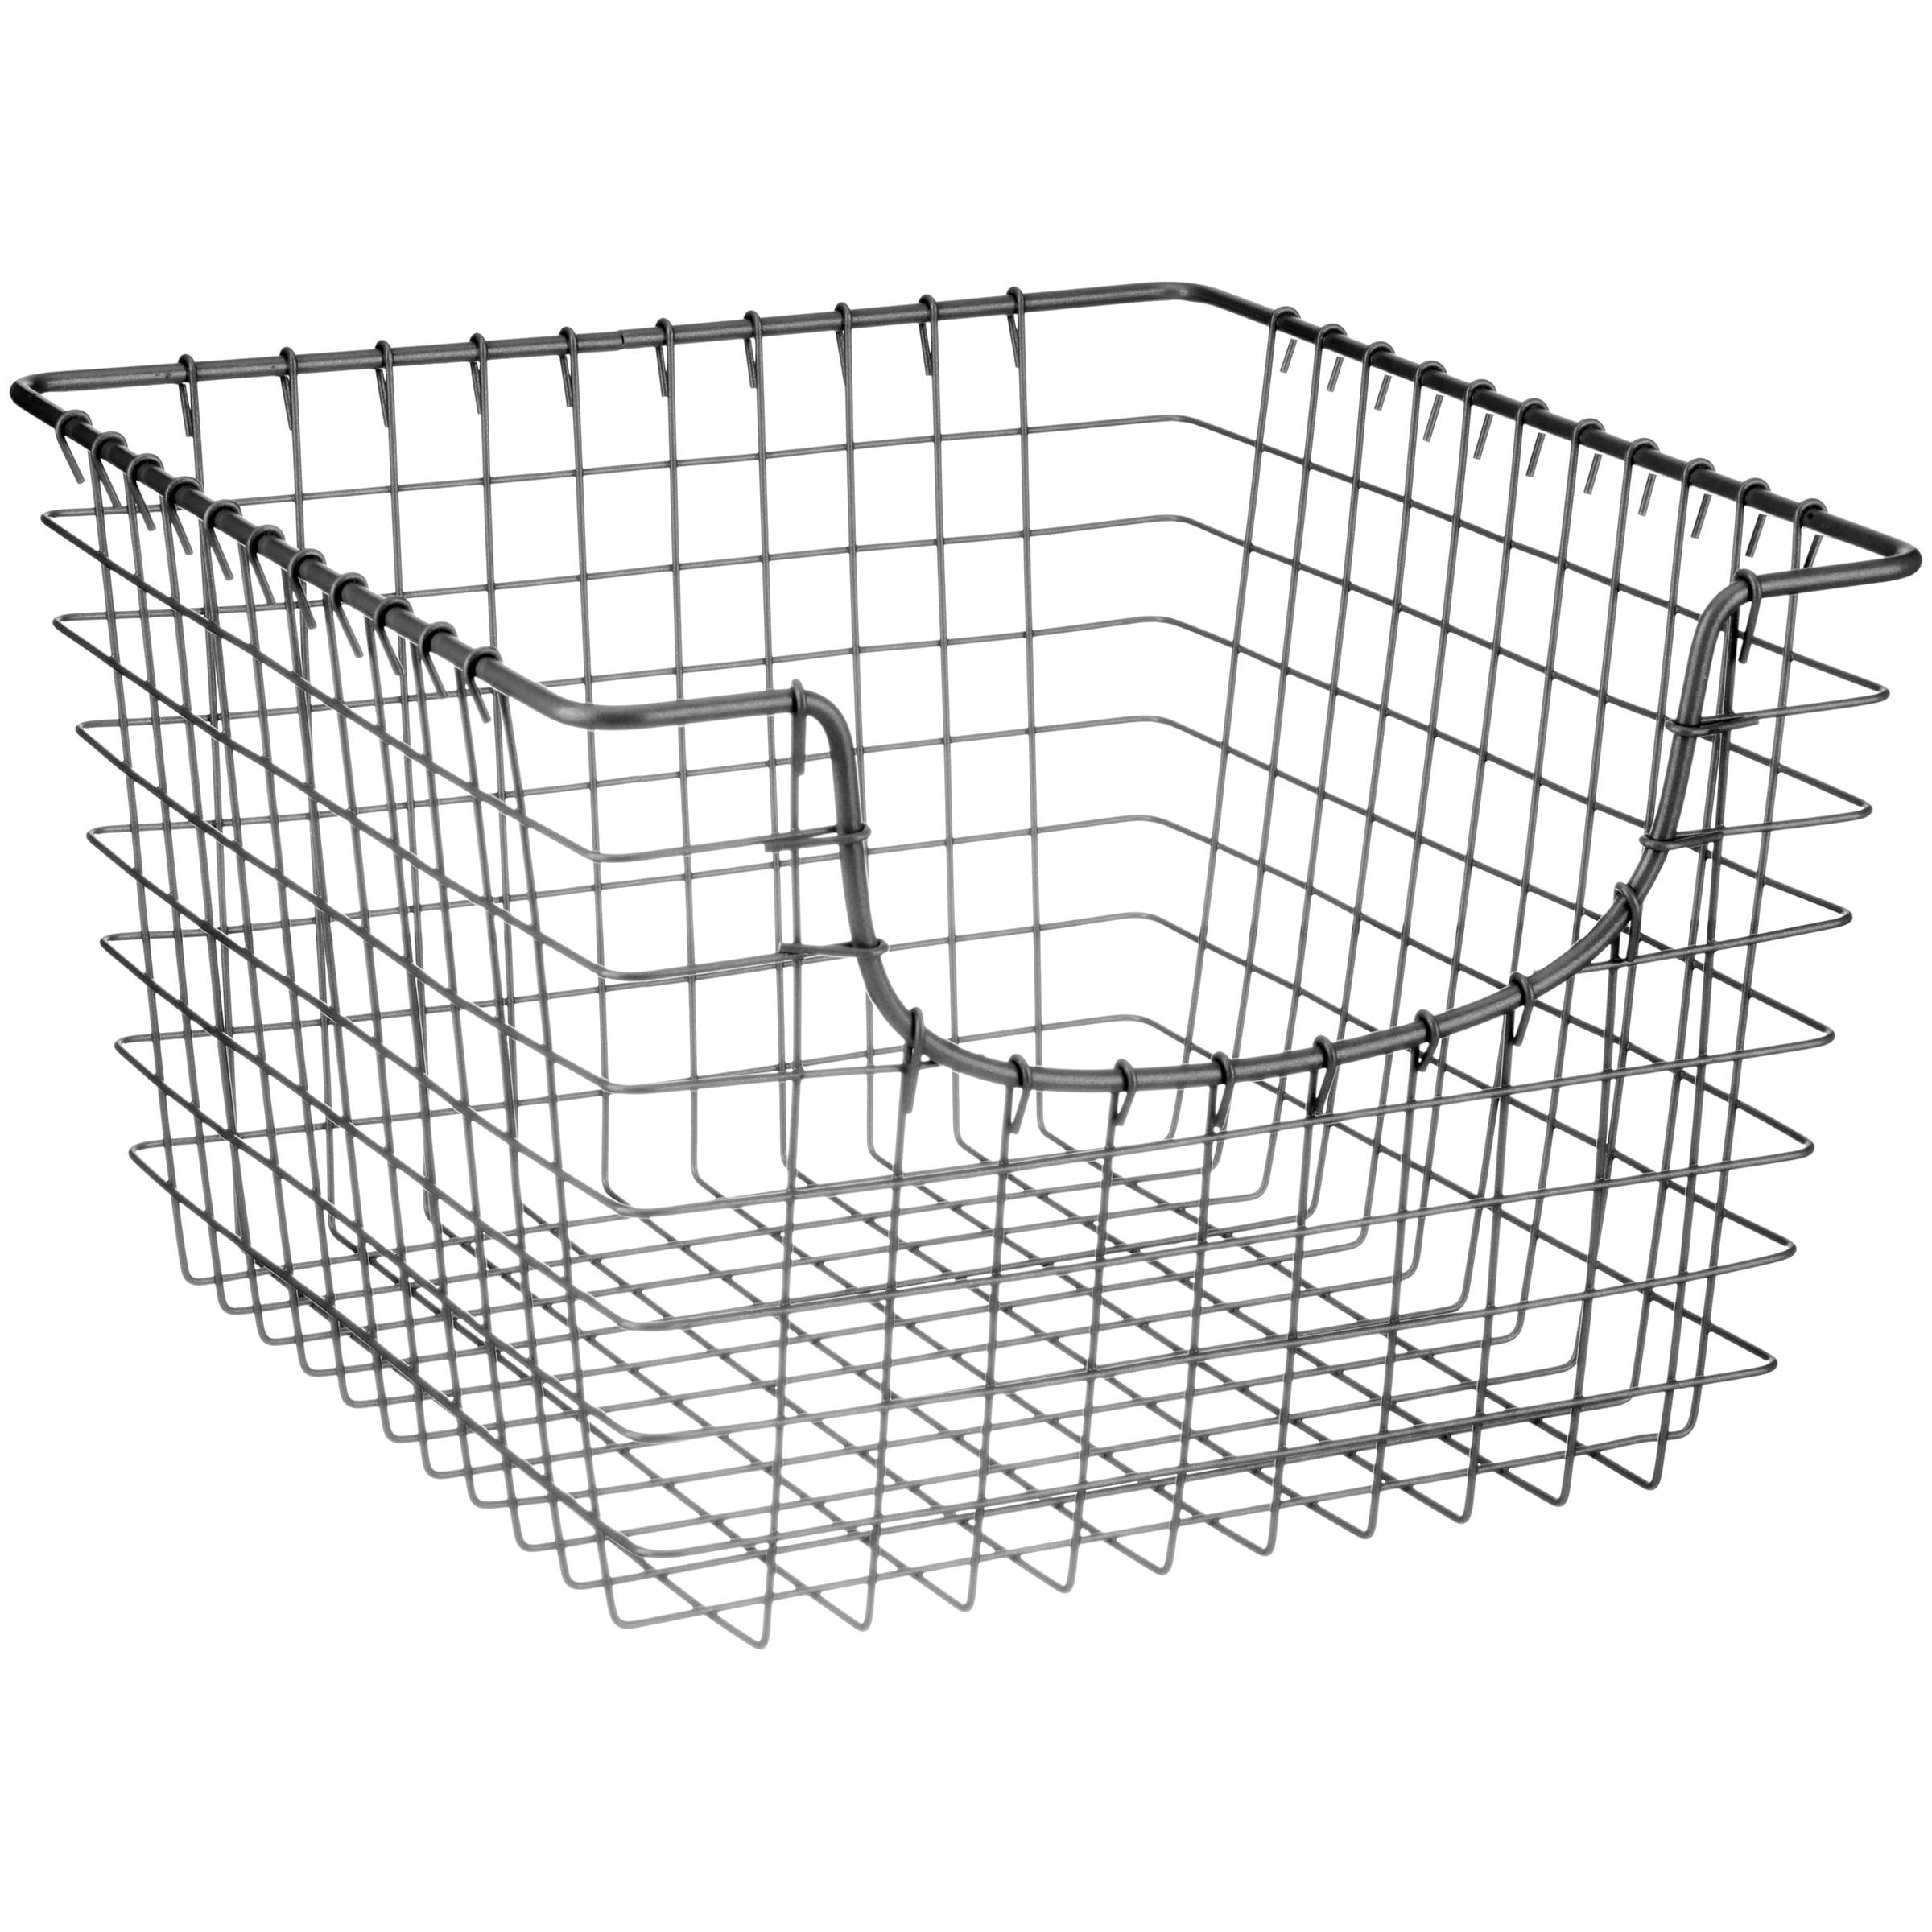 Spectrum Wire Basket - Walmart.com